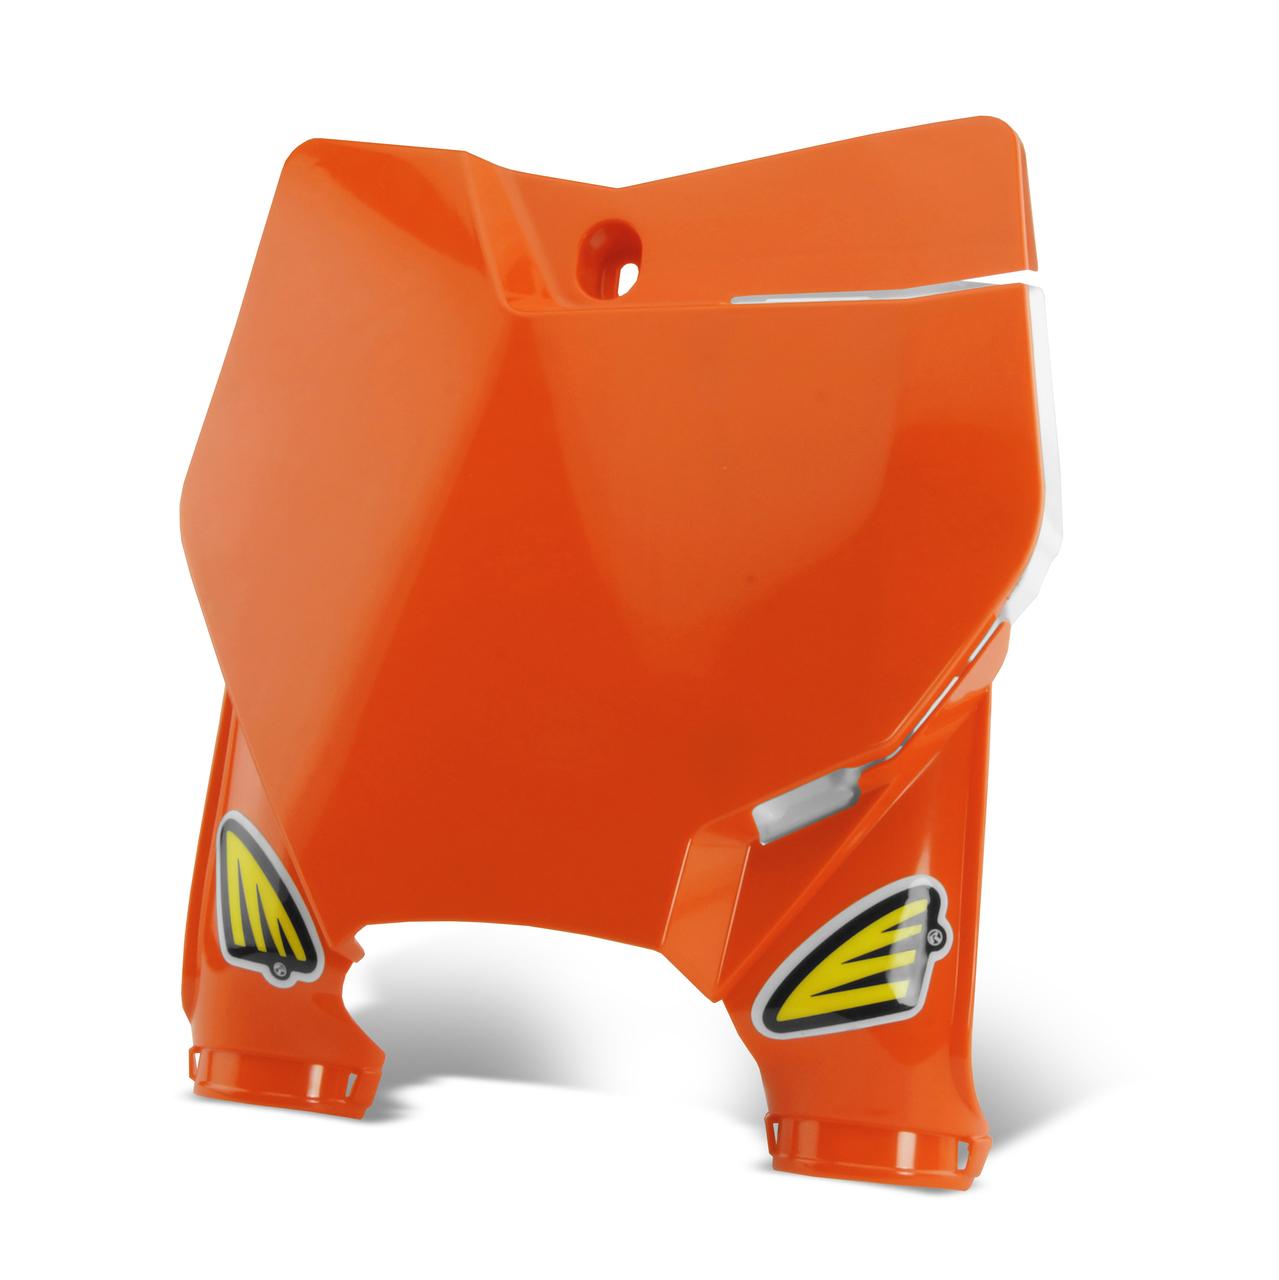 CYCRA サイクラ KTM スタジアムナンバープレート (2016-2019)